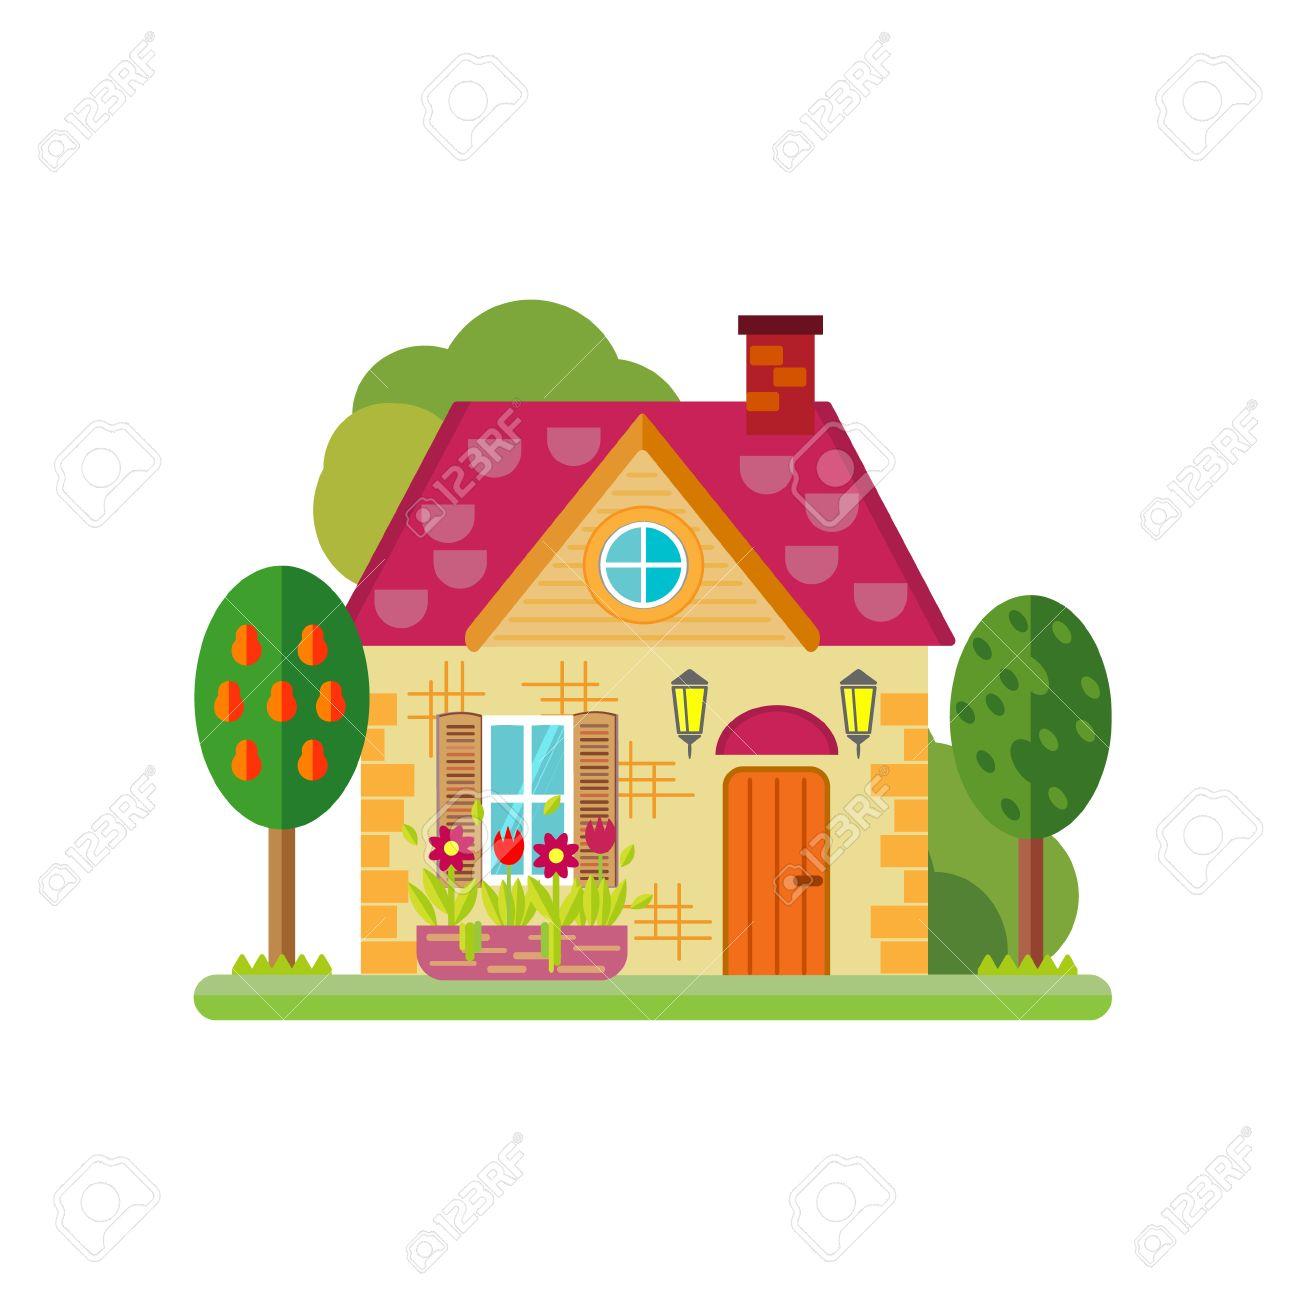 かわいいカラフルな家のベクター イラストですベクトルの建物図